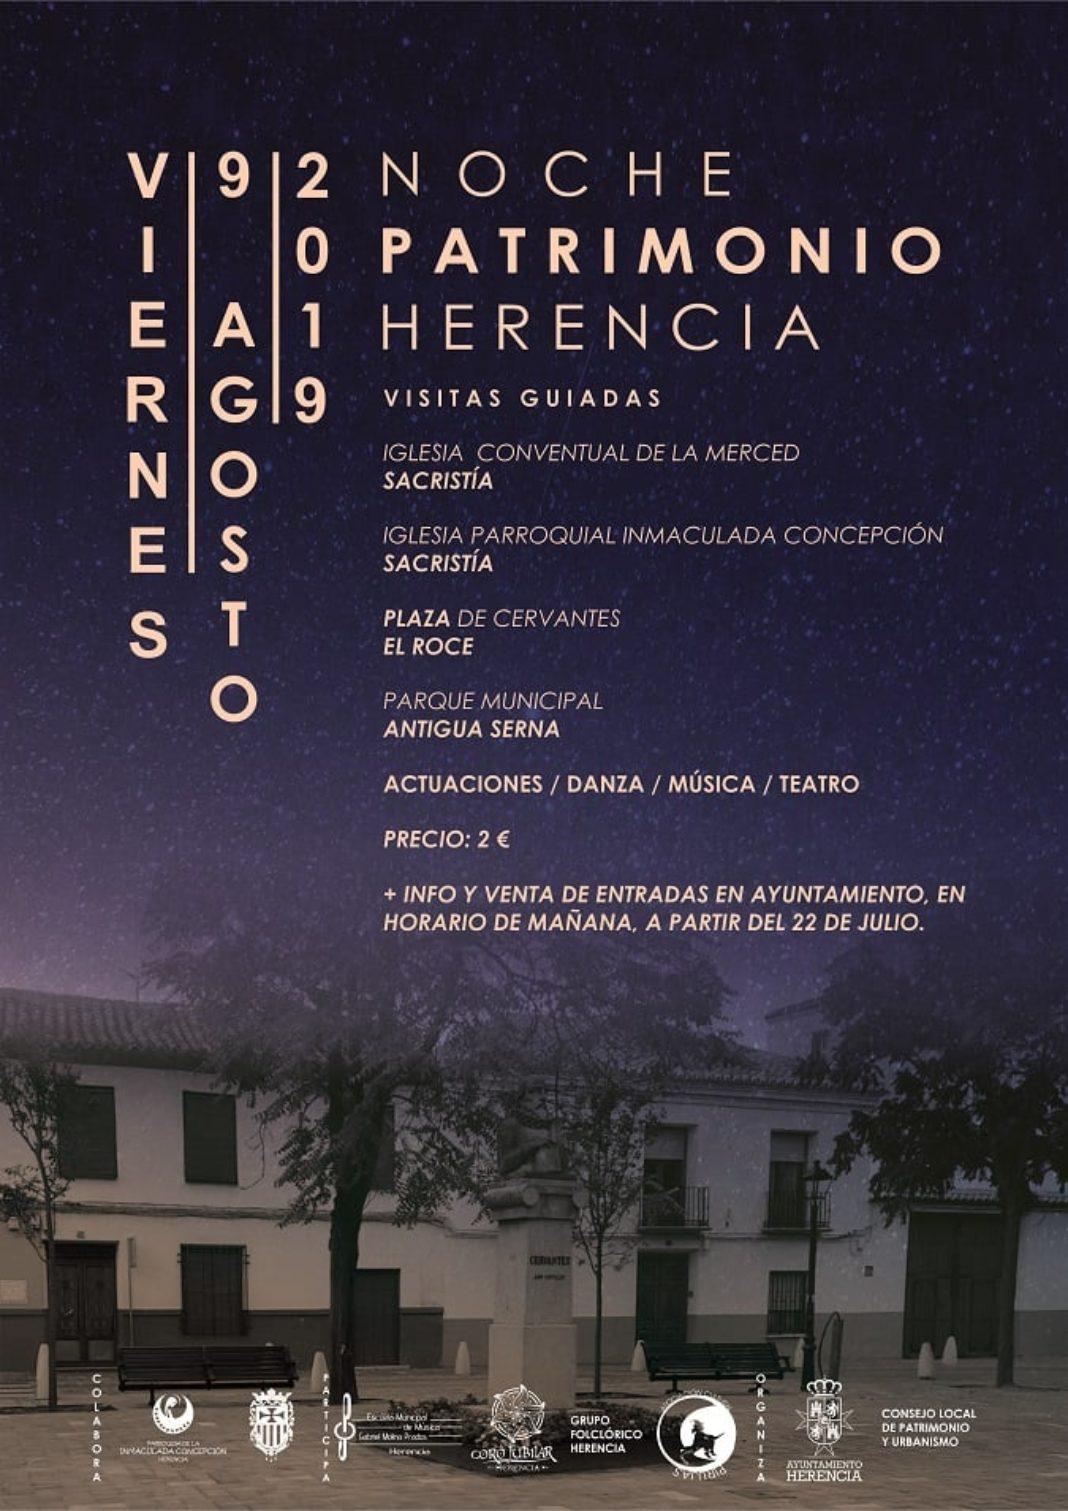 Herencia presenta la II Noche del Patrimonio 4